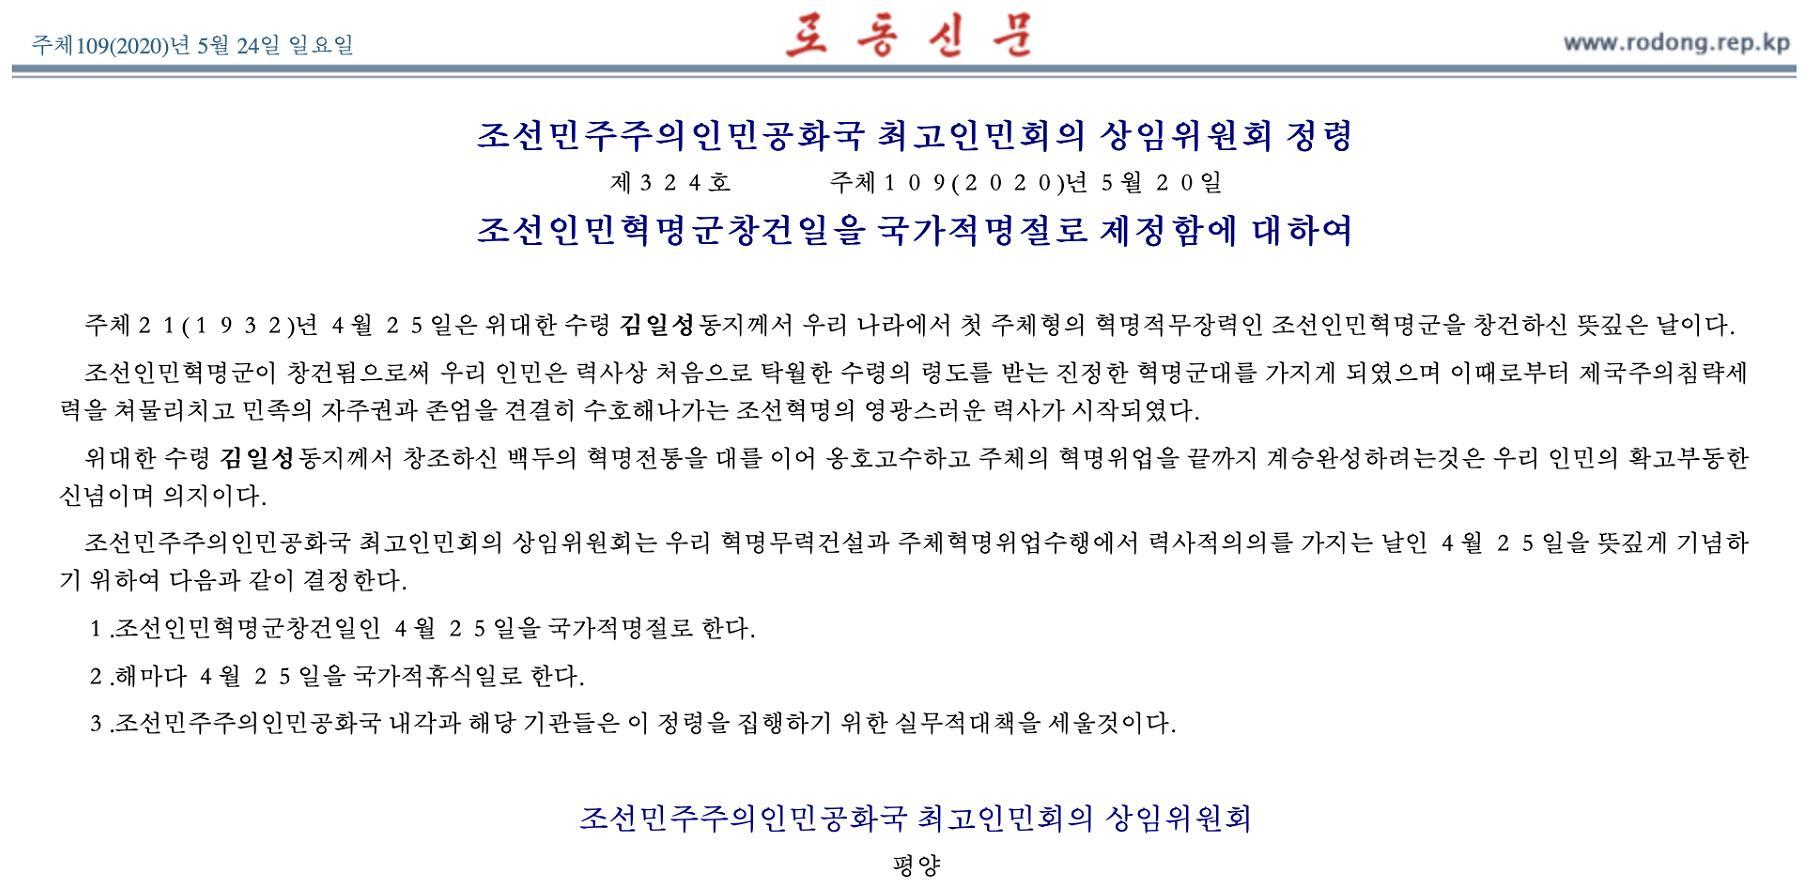 朝鲜人民革命军创建日被设为法定假日